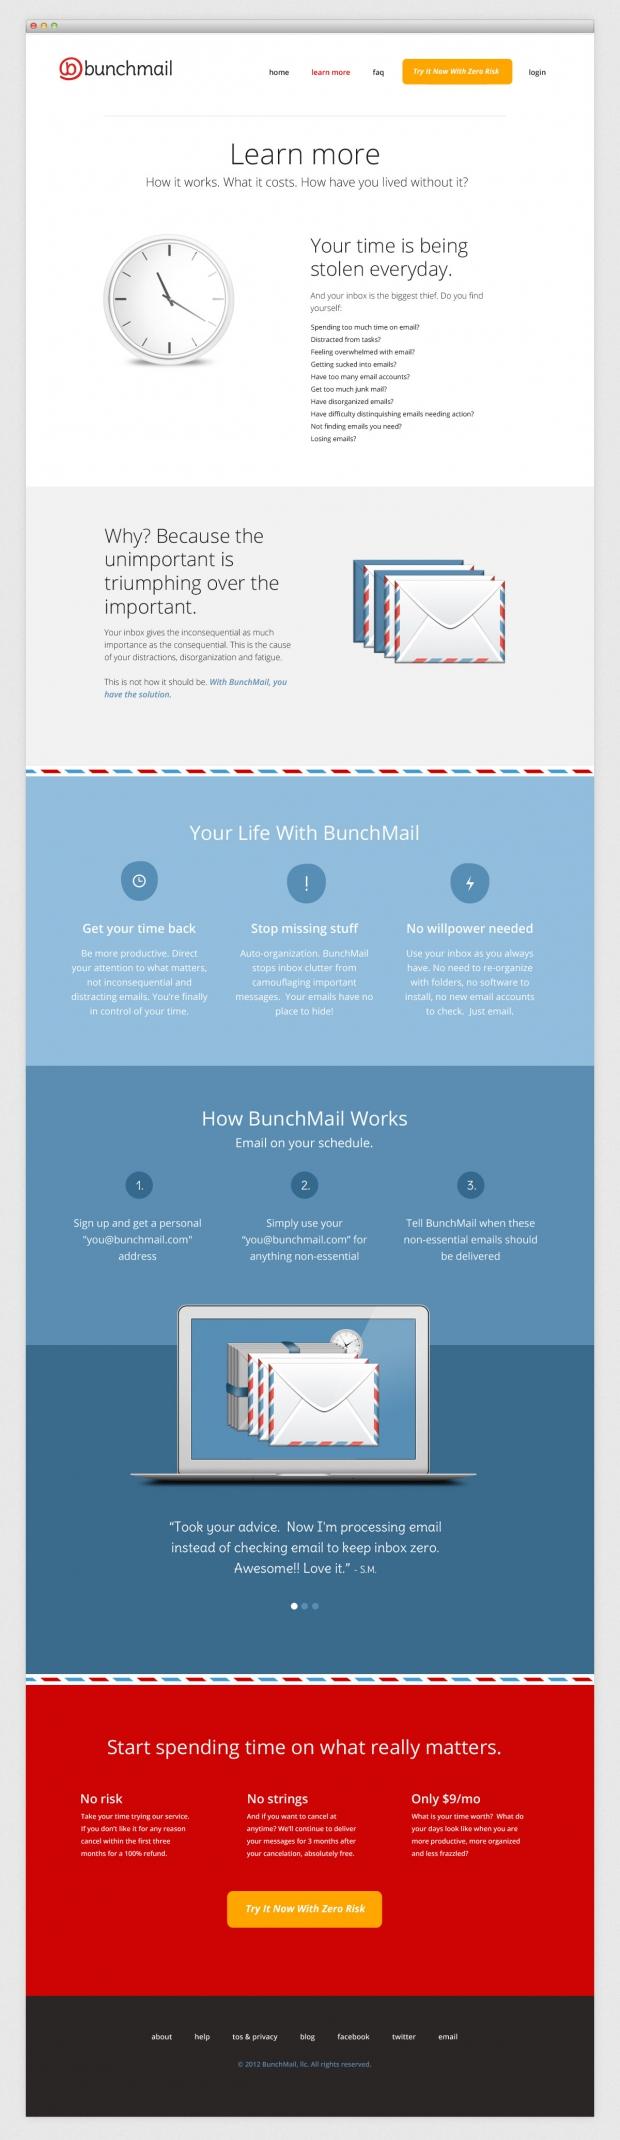 BunchMail website learn